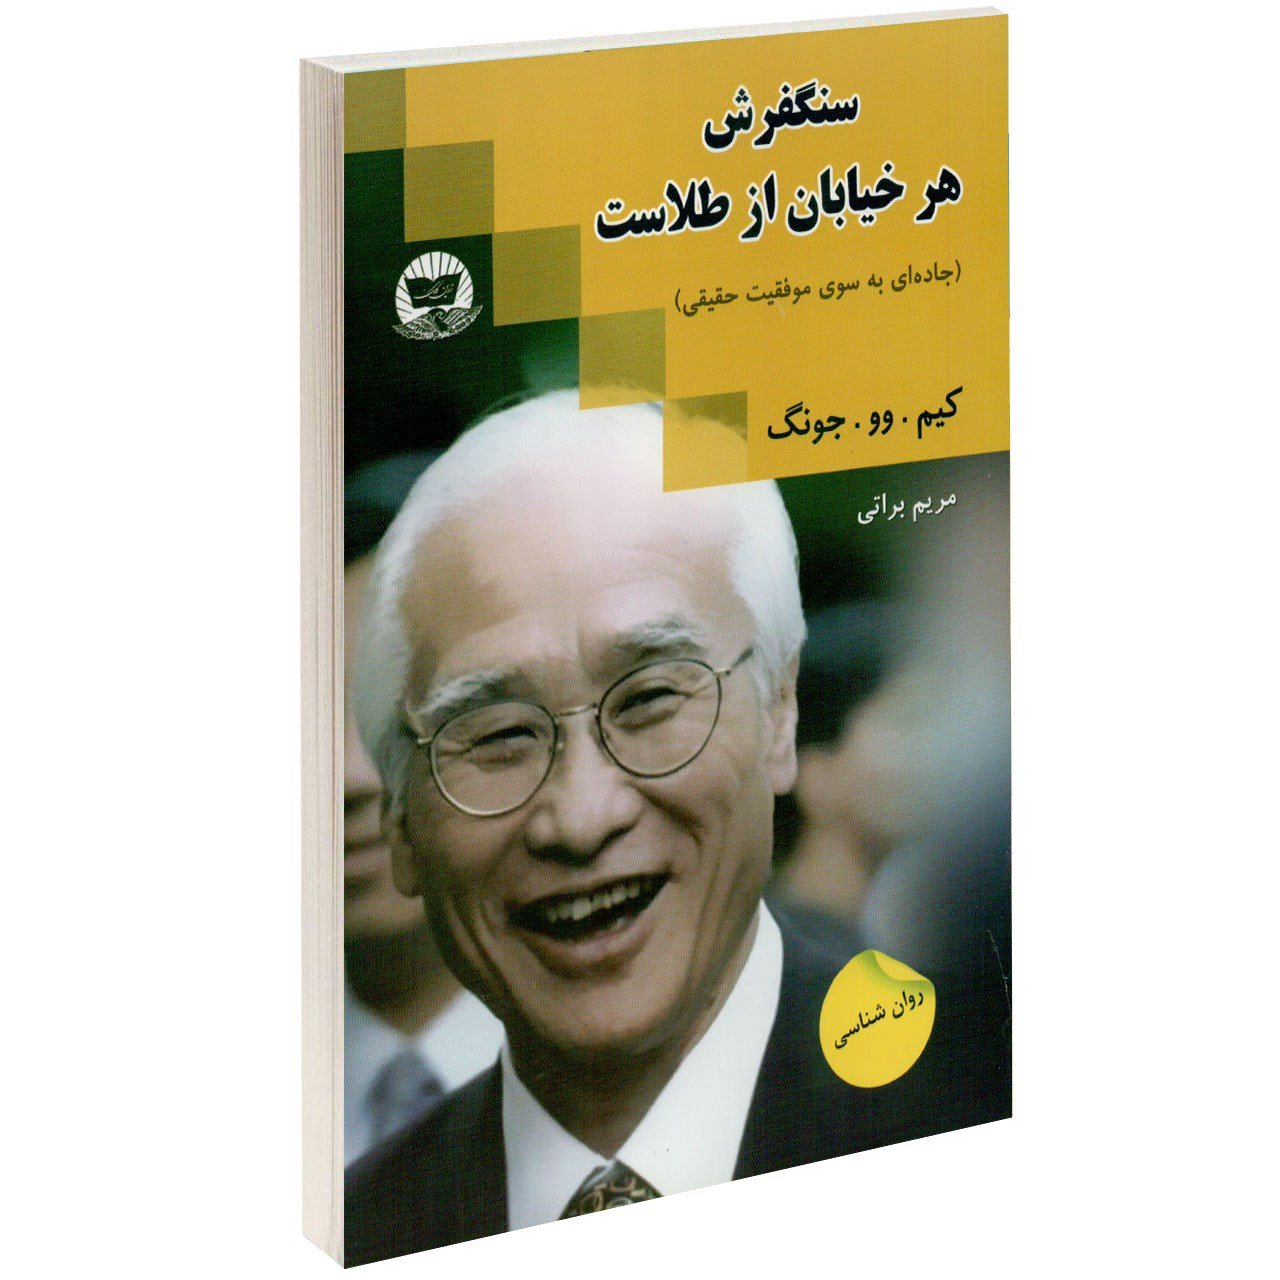 کتاب سنگفرش هر خیابان از طلاست اثر کیم وو جونگ